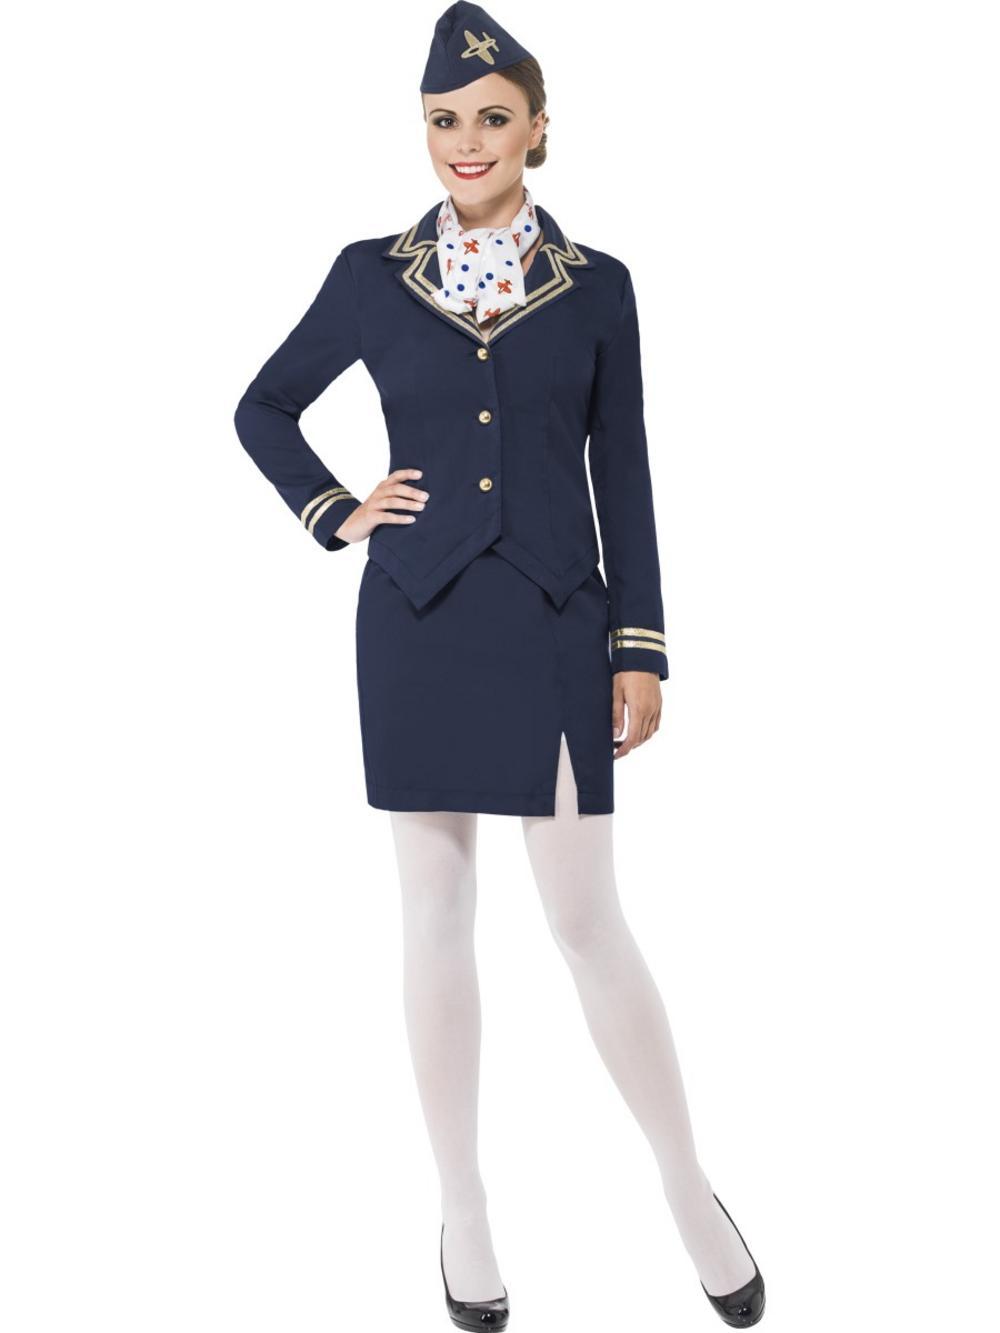 Airways Attendant Costume